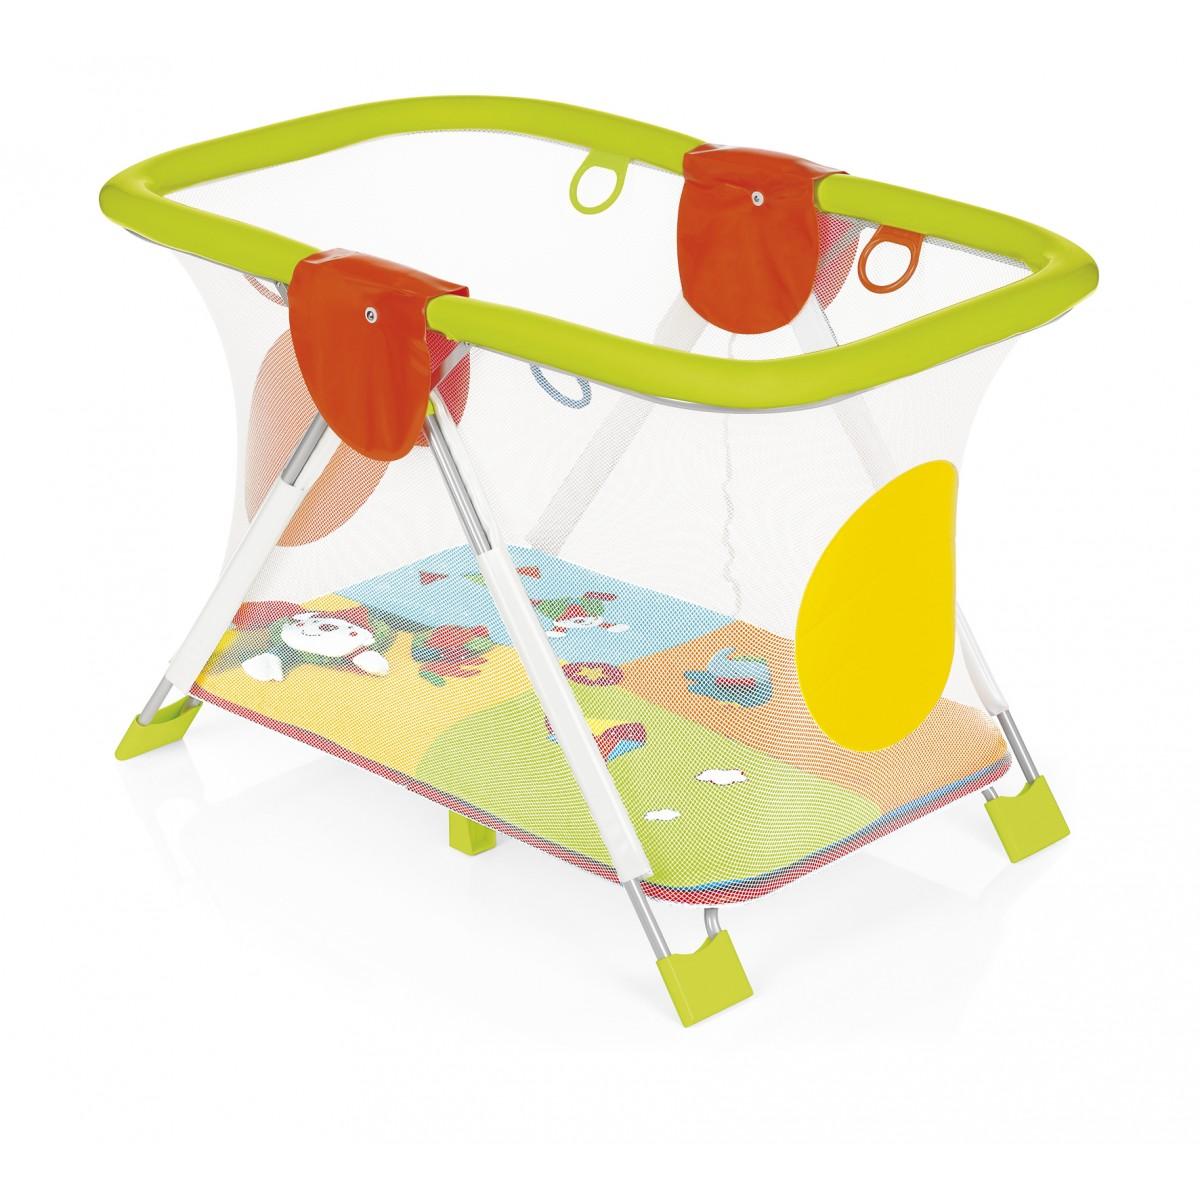 Манеж игровой Soft Play, Mondo CircoМанежи Brevi<br>Манеж игровой Soft Play, Mondo Circo<br>